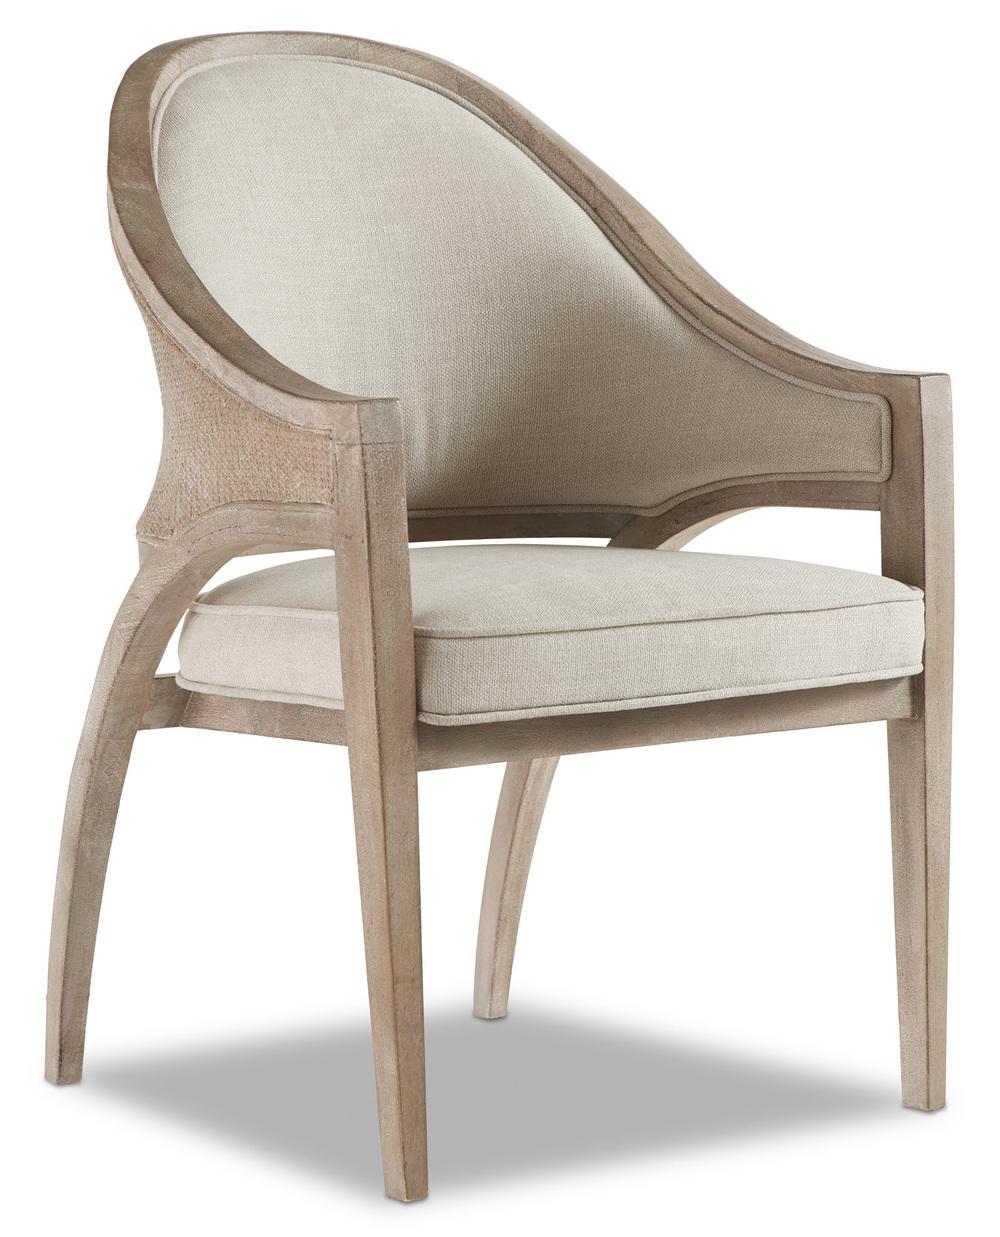 Hooker Furniture - Sling Back Chair